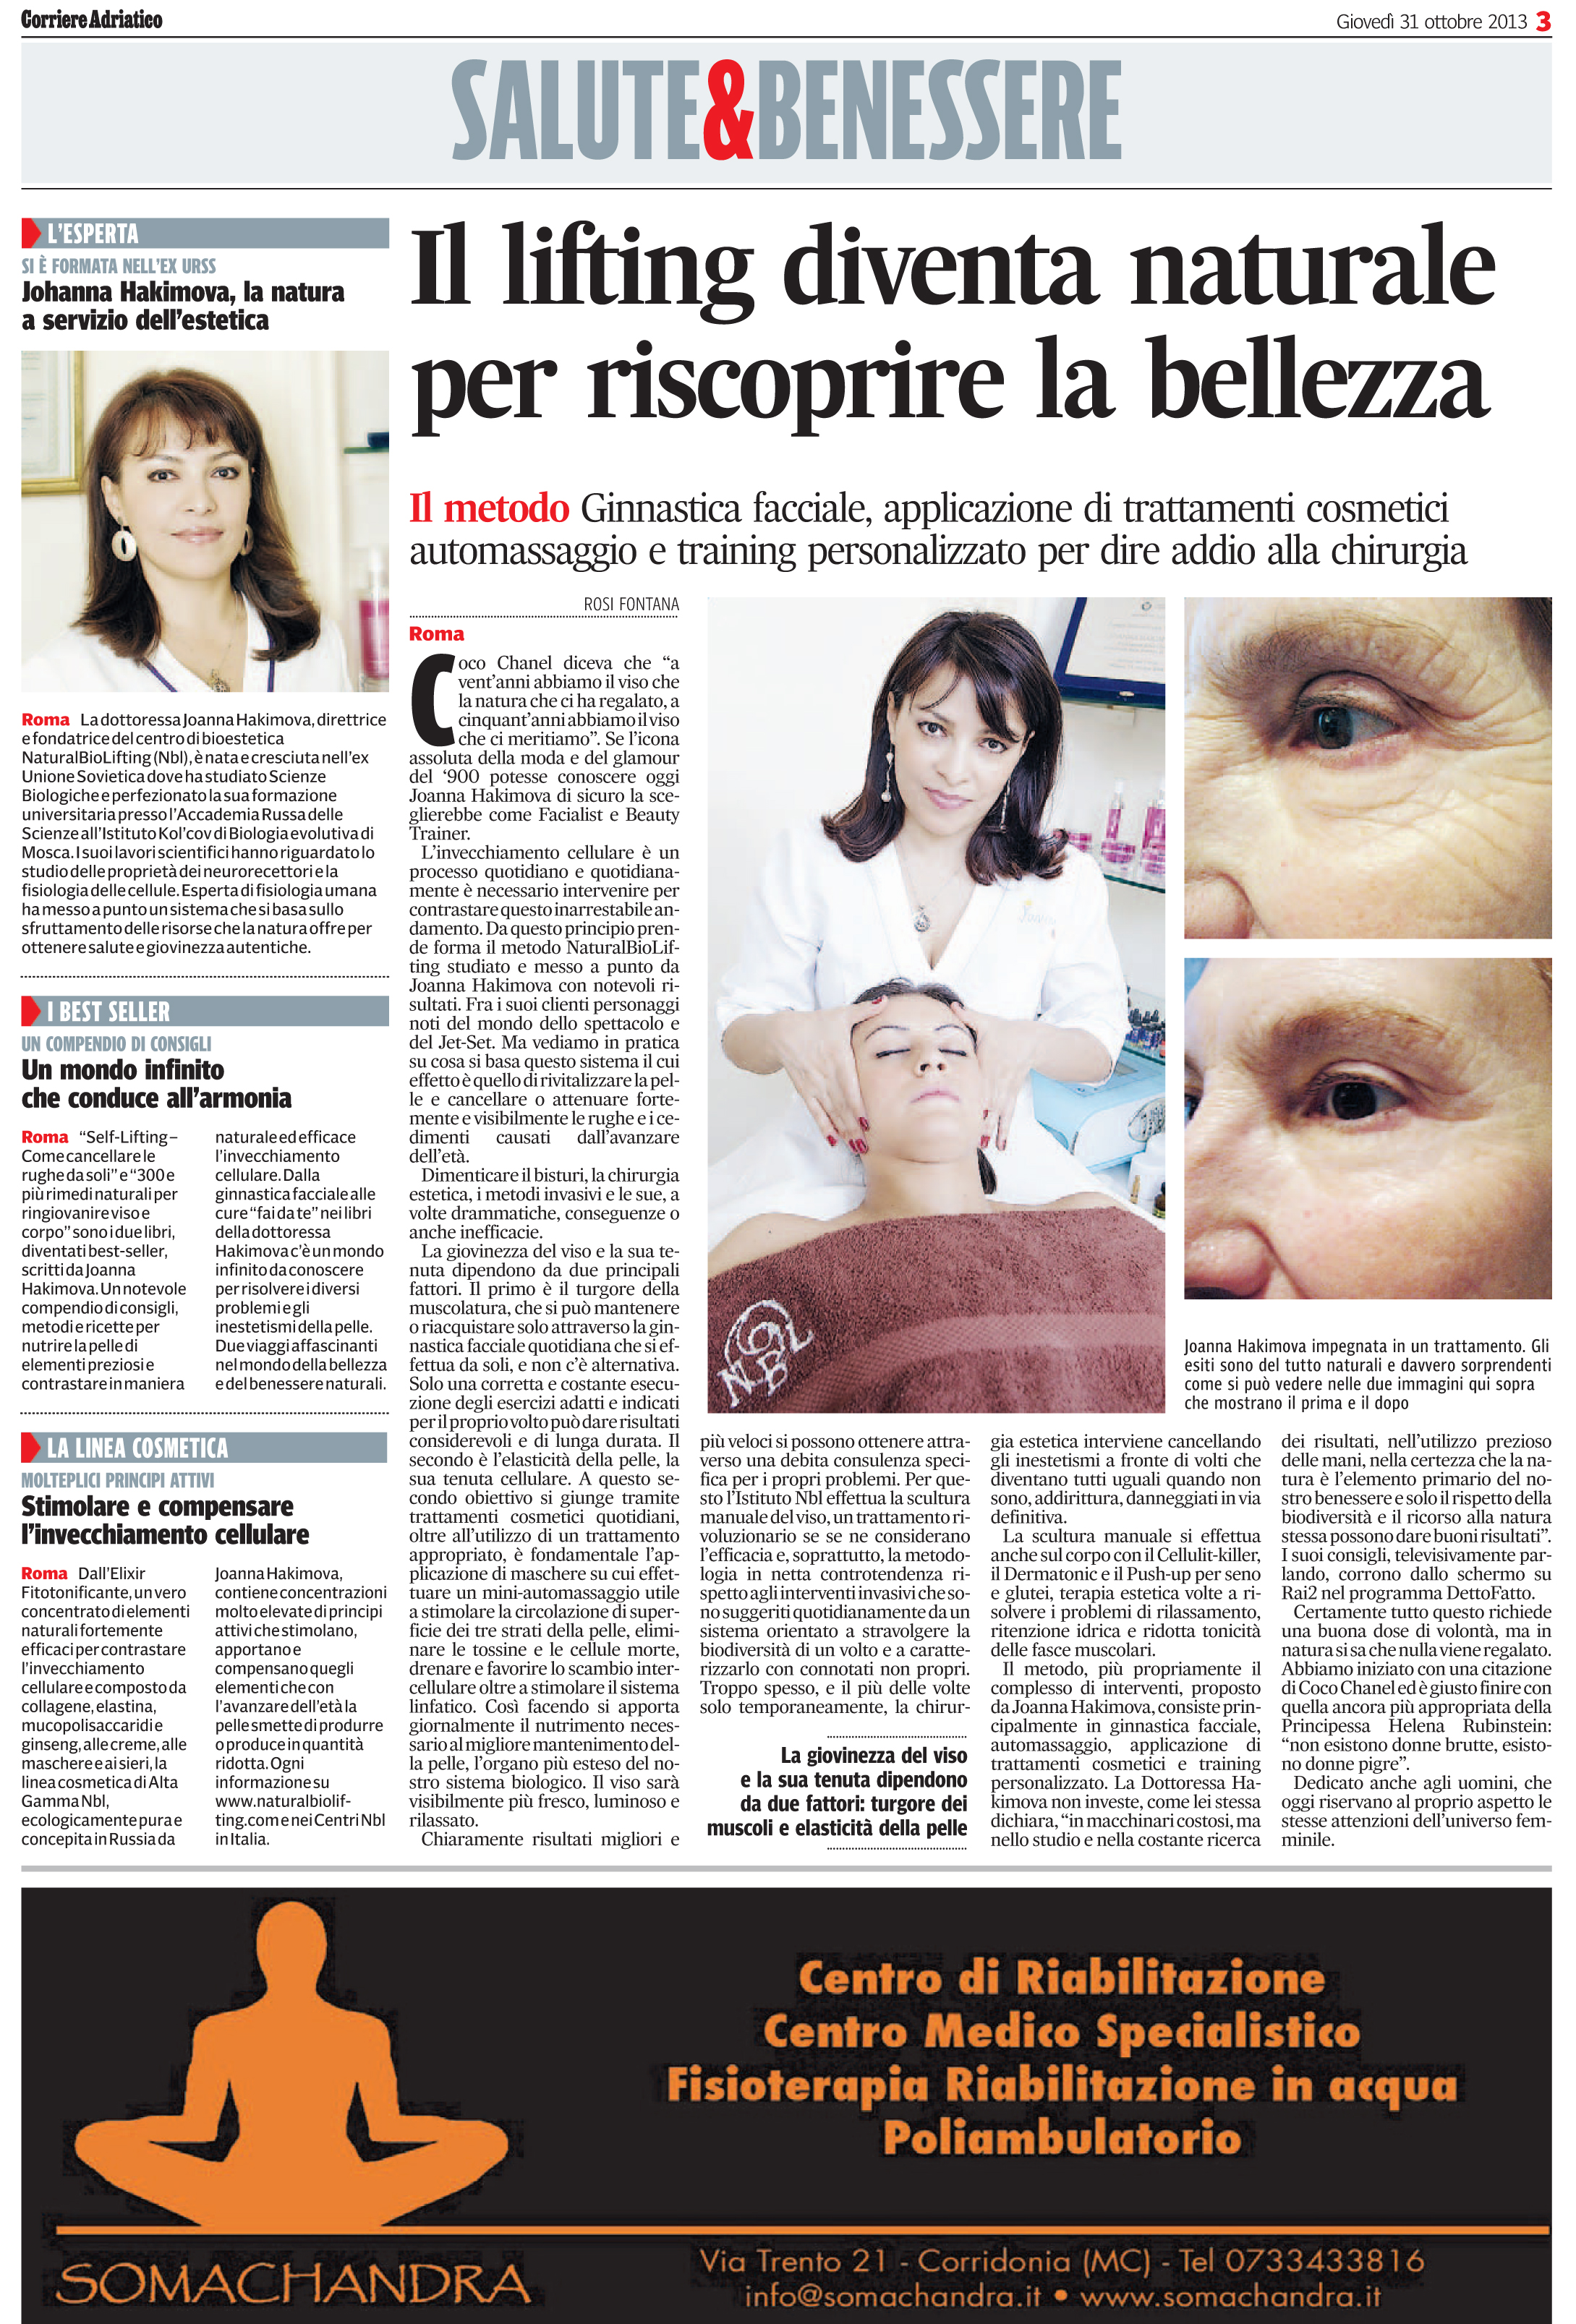 Corriere Adriatico, rubrica Salute e Benessere